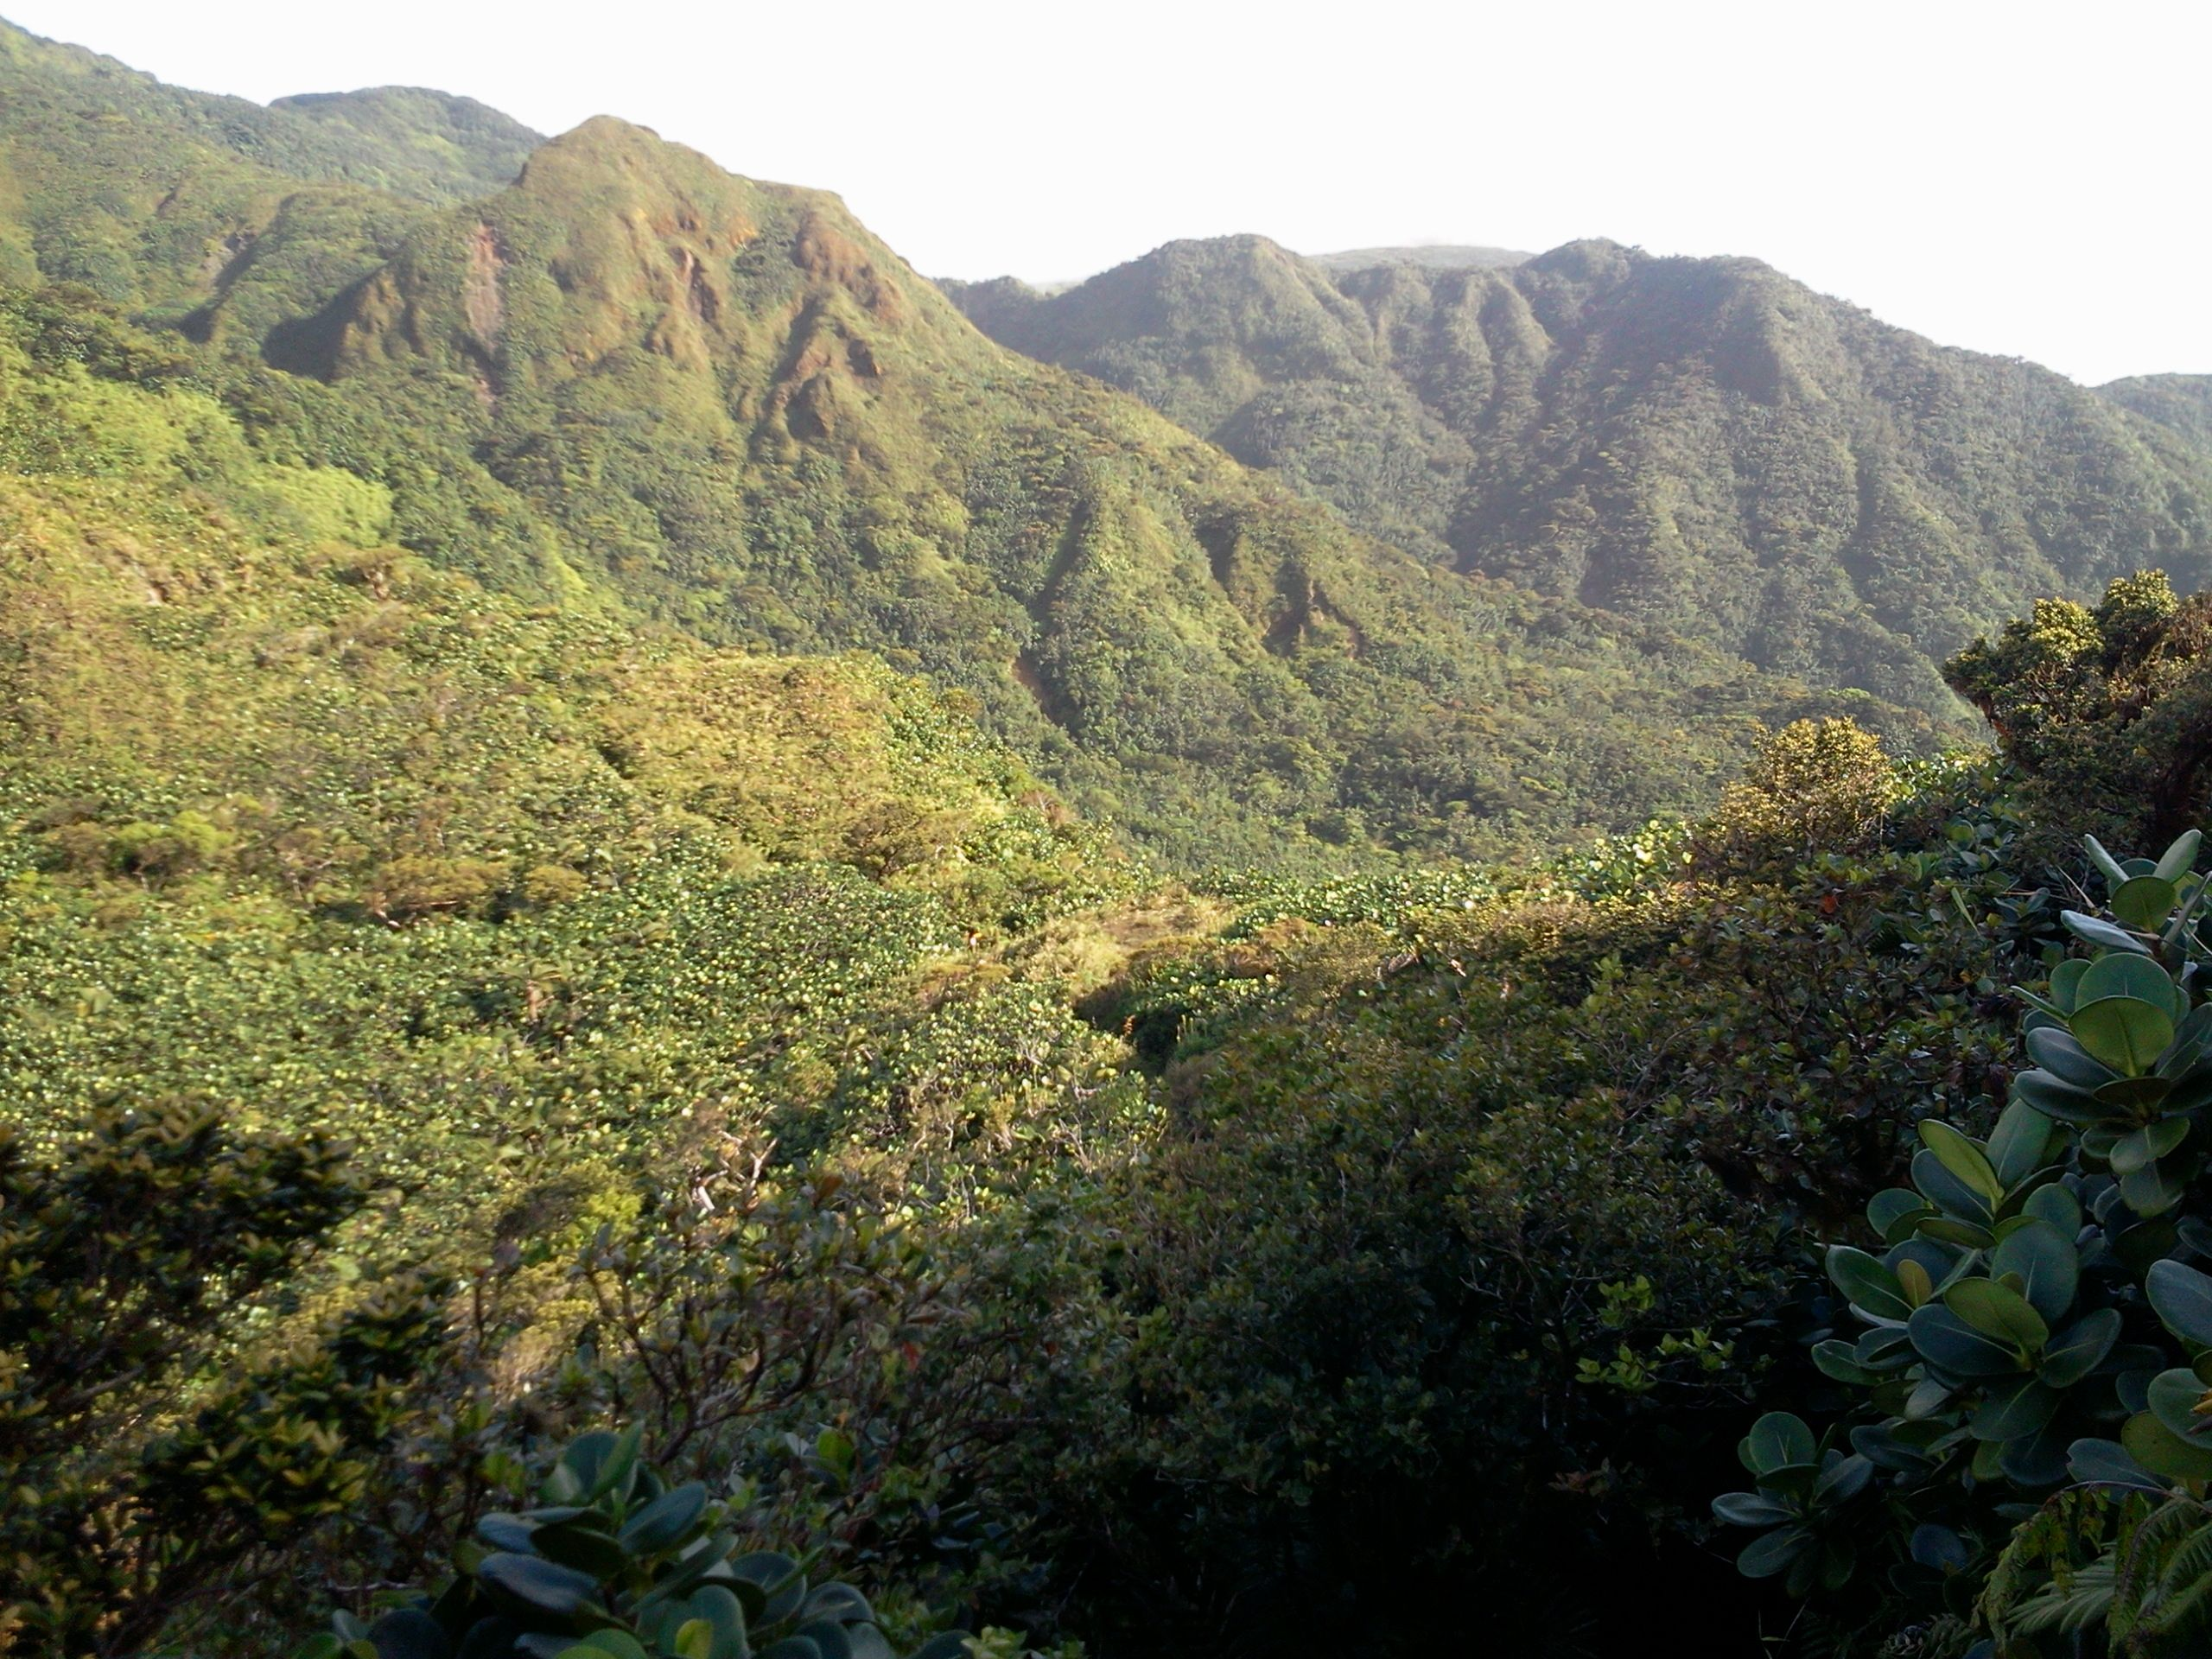 Les hauteurs for Distri center la montagne